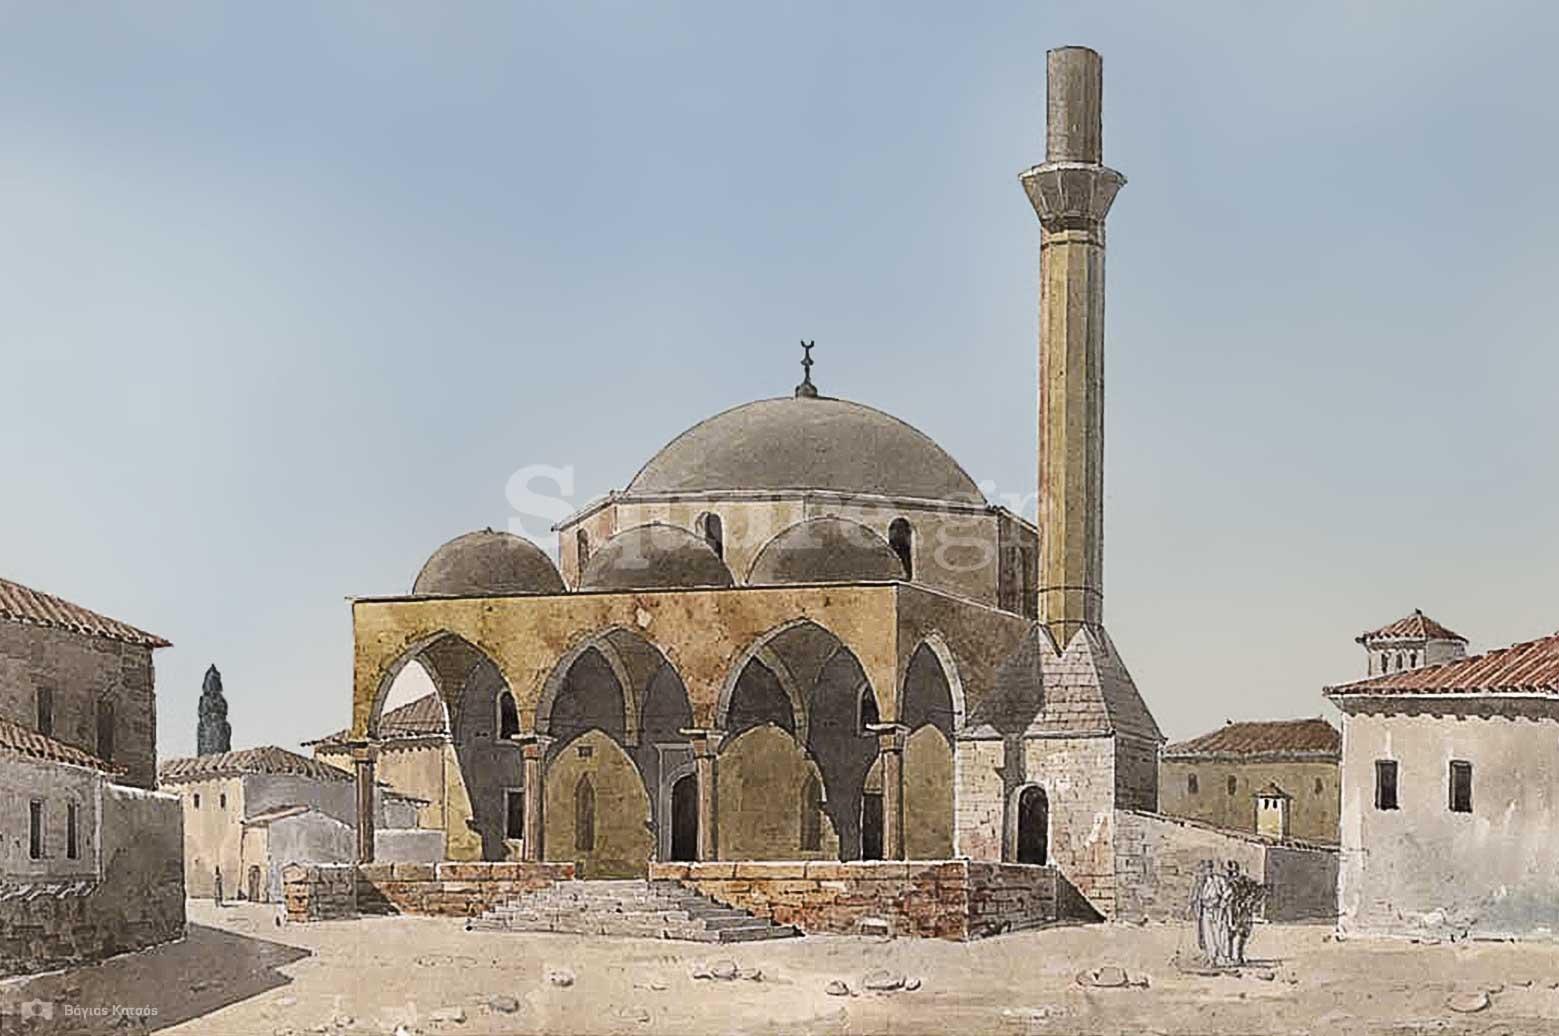 5-Μουσουλμανικό-τέμενος-της-Χαλκίδας-πιθανότατα-το-Εμιρ-Ζαδέ-που-και-σήμερα-διασώζεται